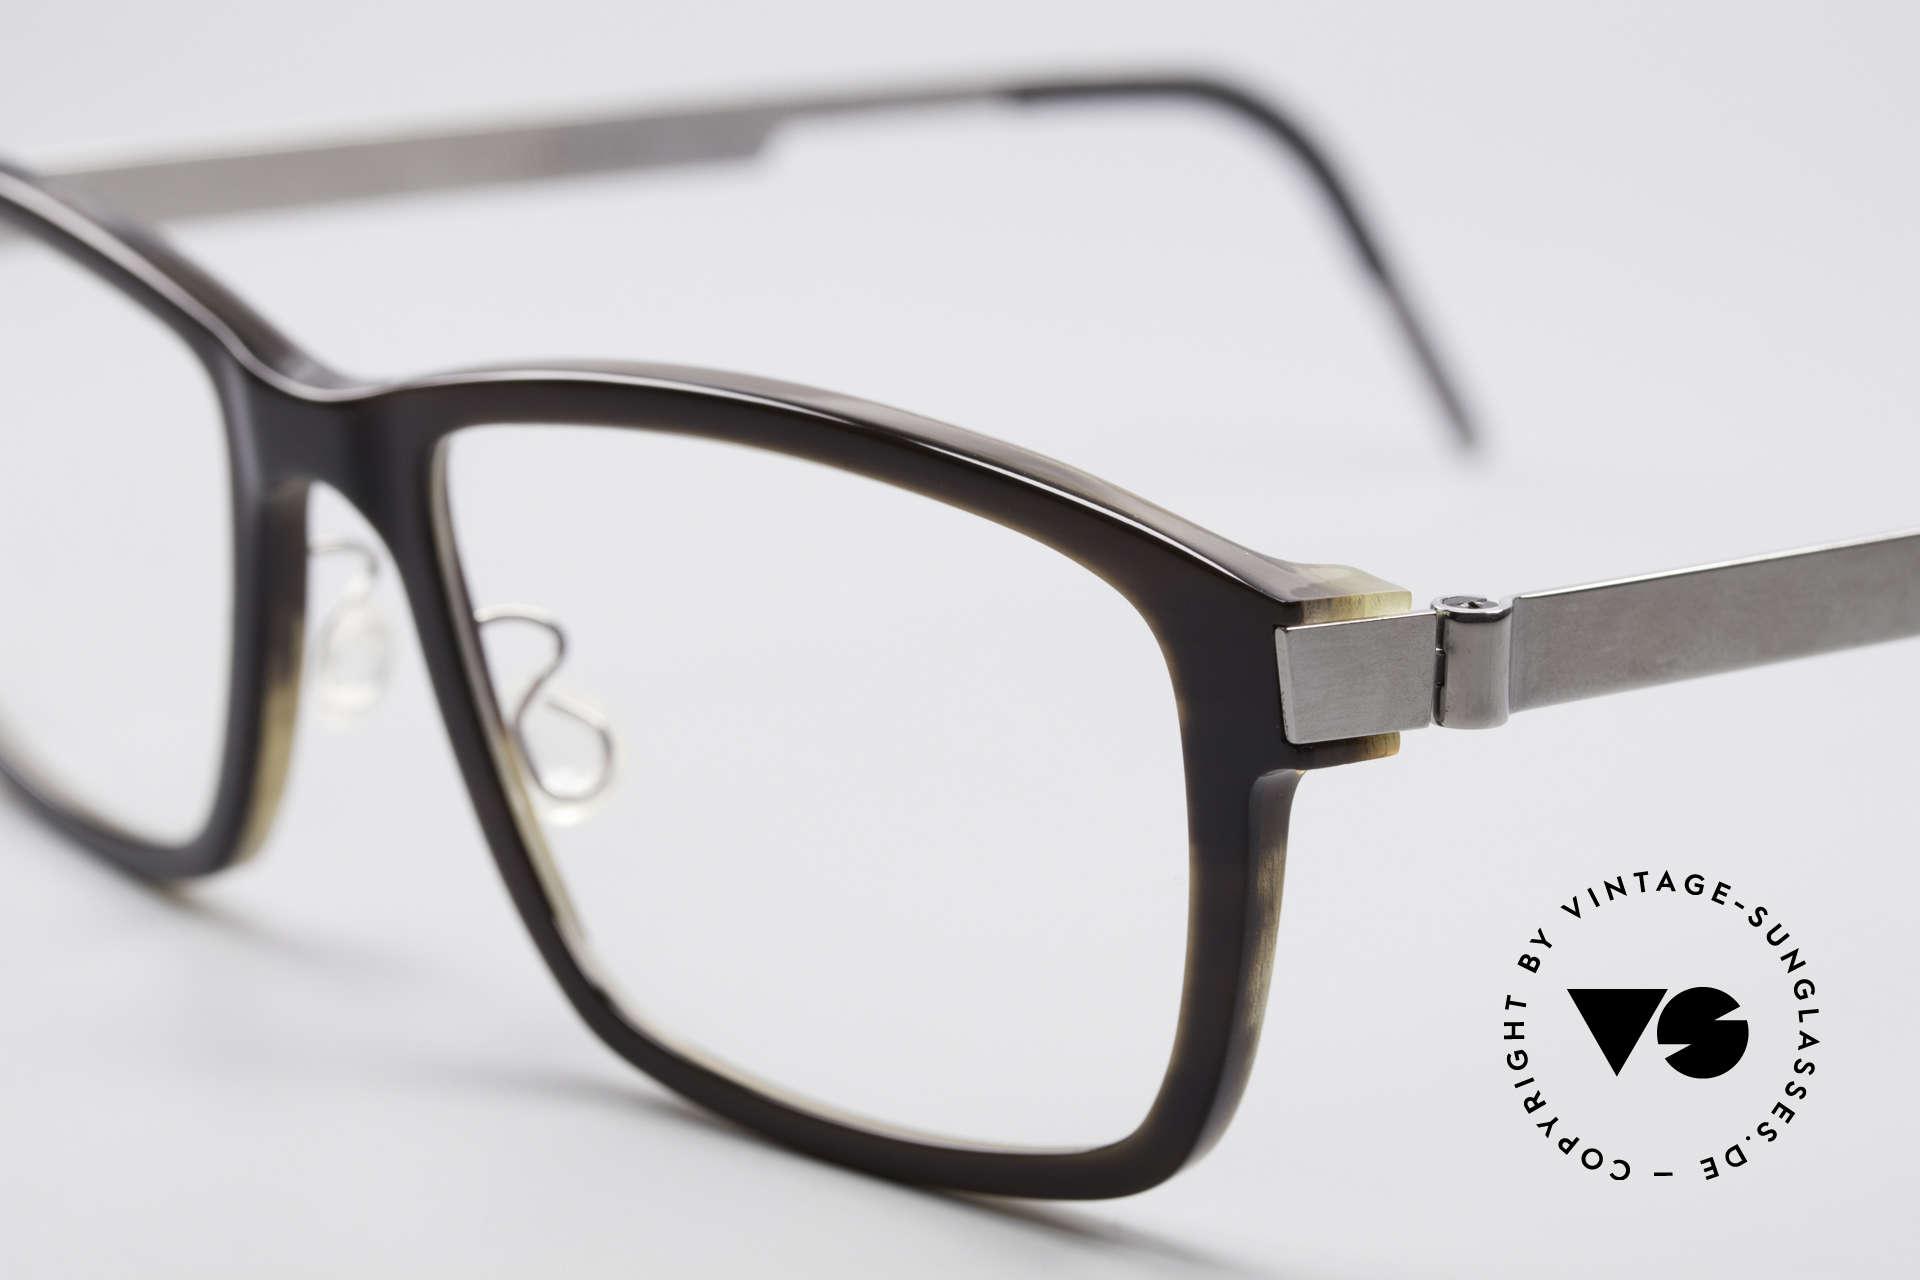 1e27d9d6926 Glasses Lindberg 1802 Horn Genuine Horn Titanium Frame